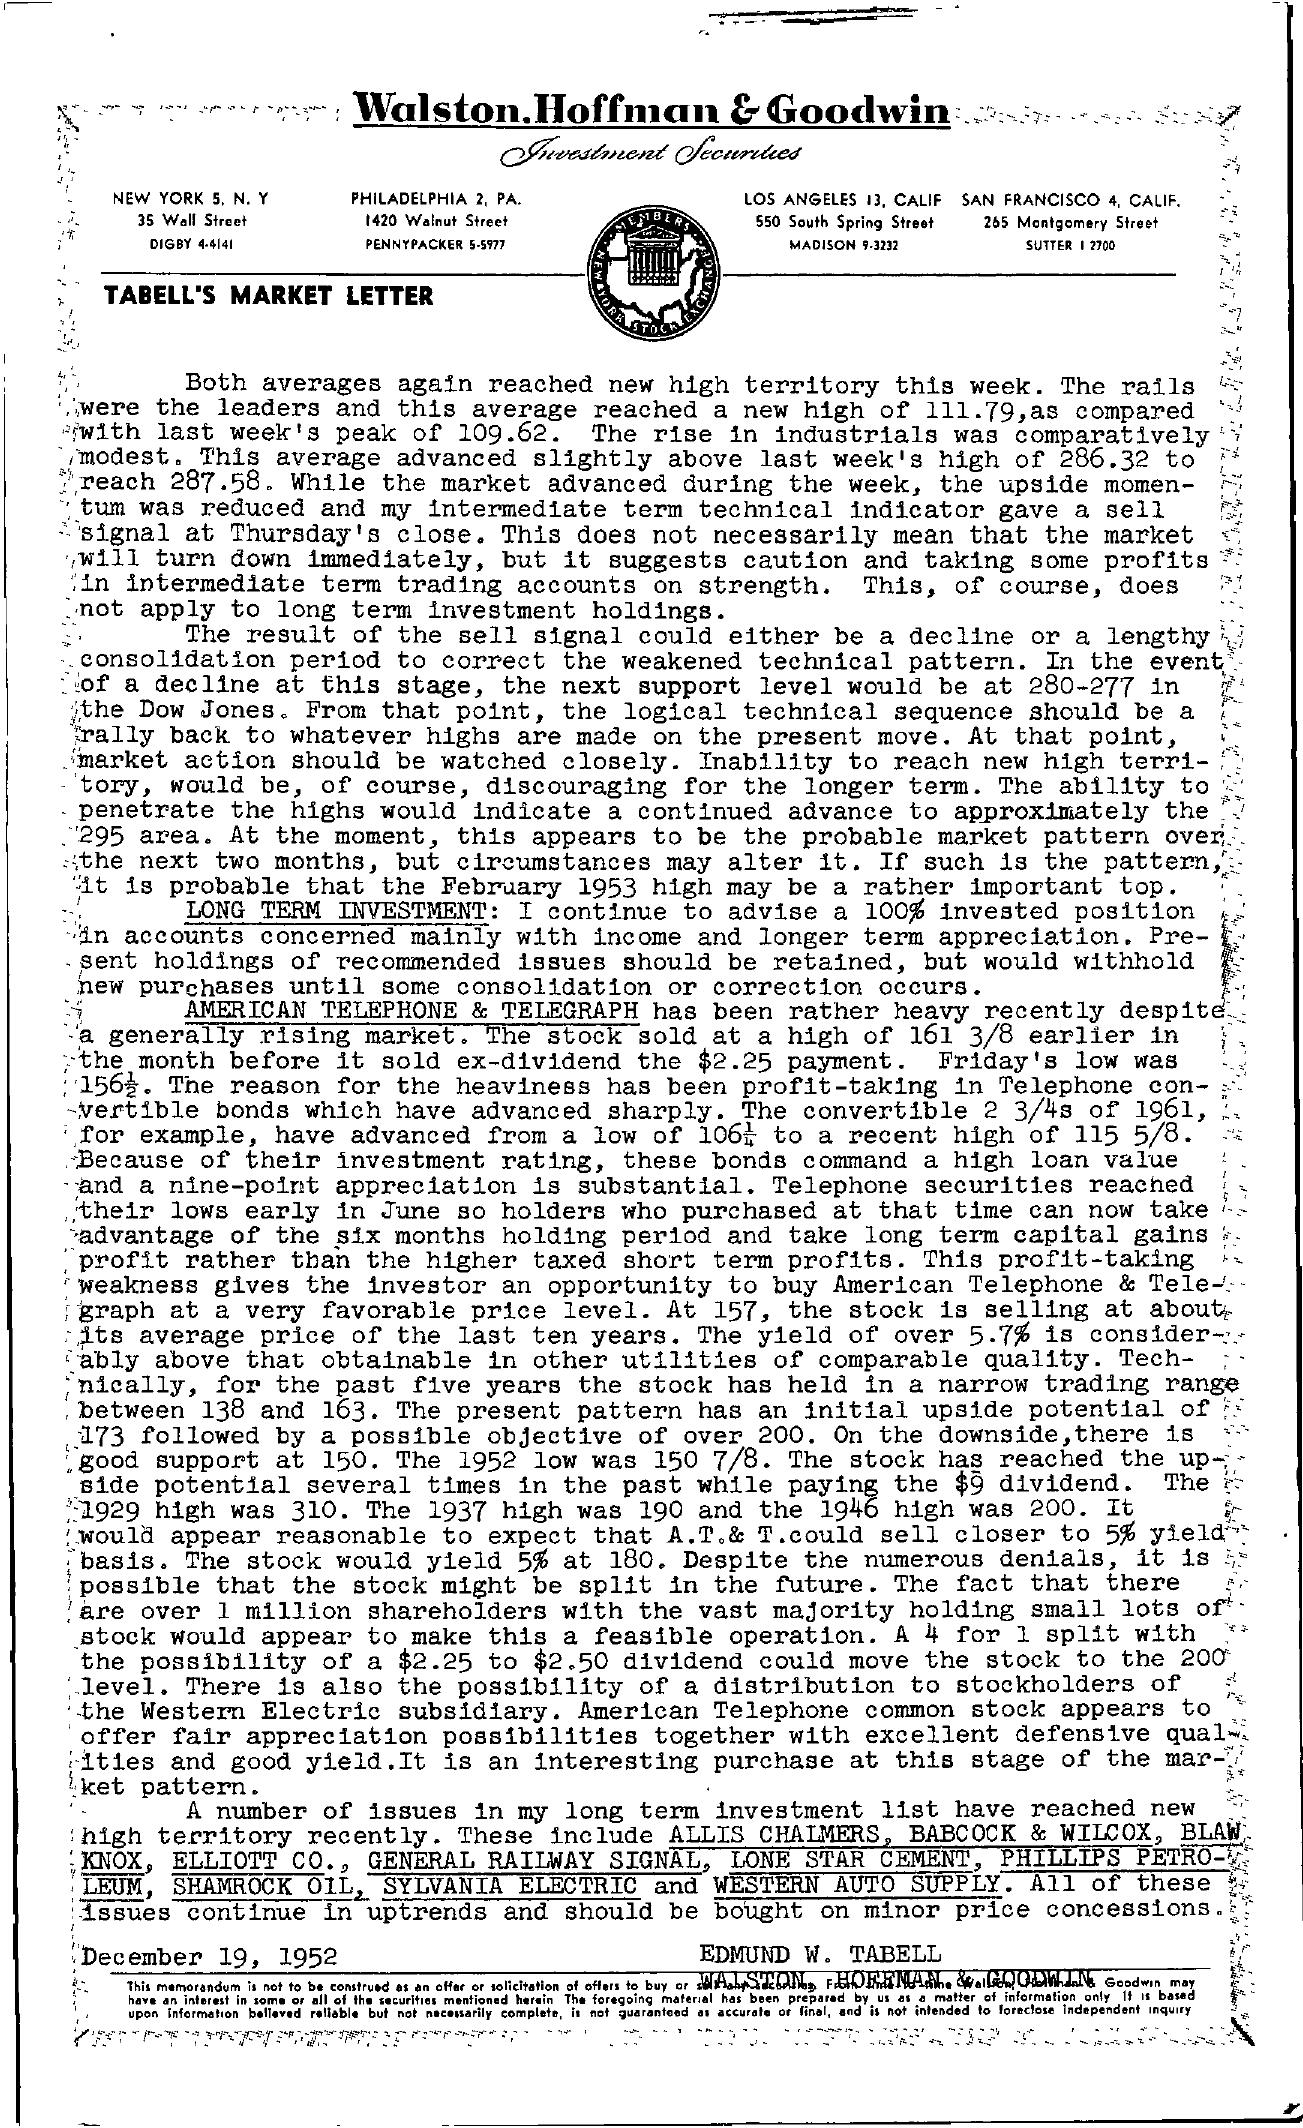 Tabell's Market Letter - December 19, 1952